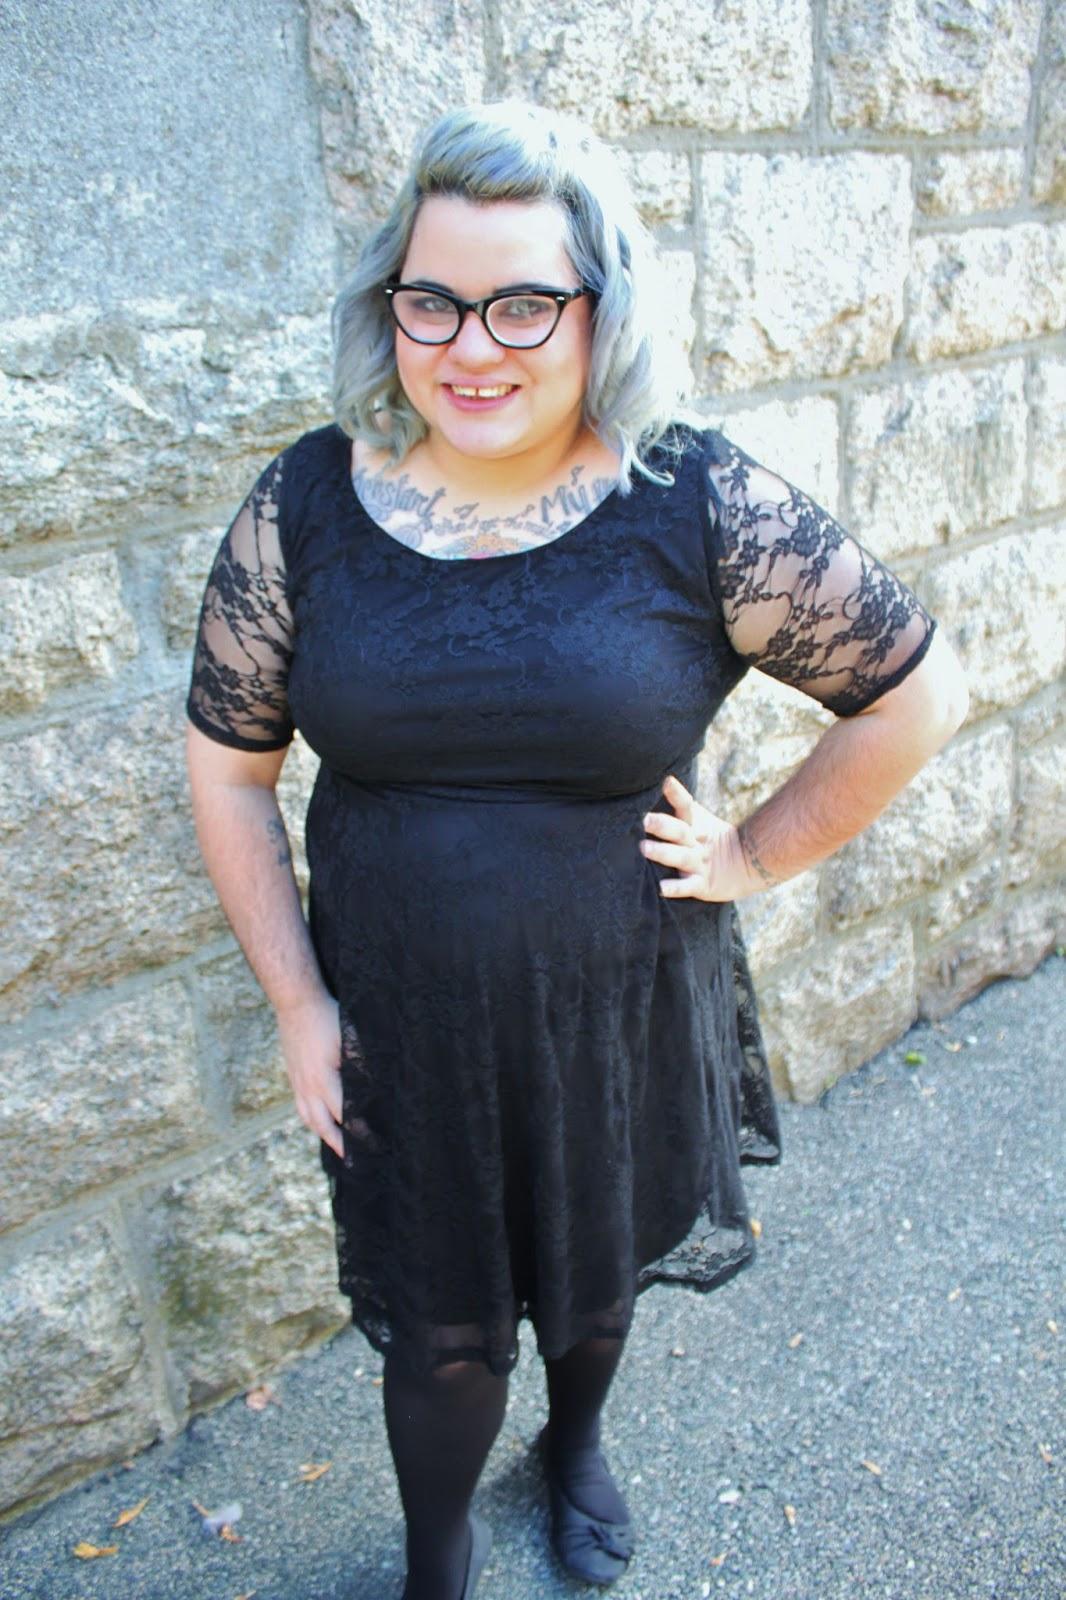 Kohls Dresses For Weddings 22 Marvelous I was on the